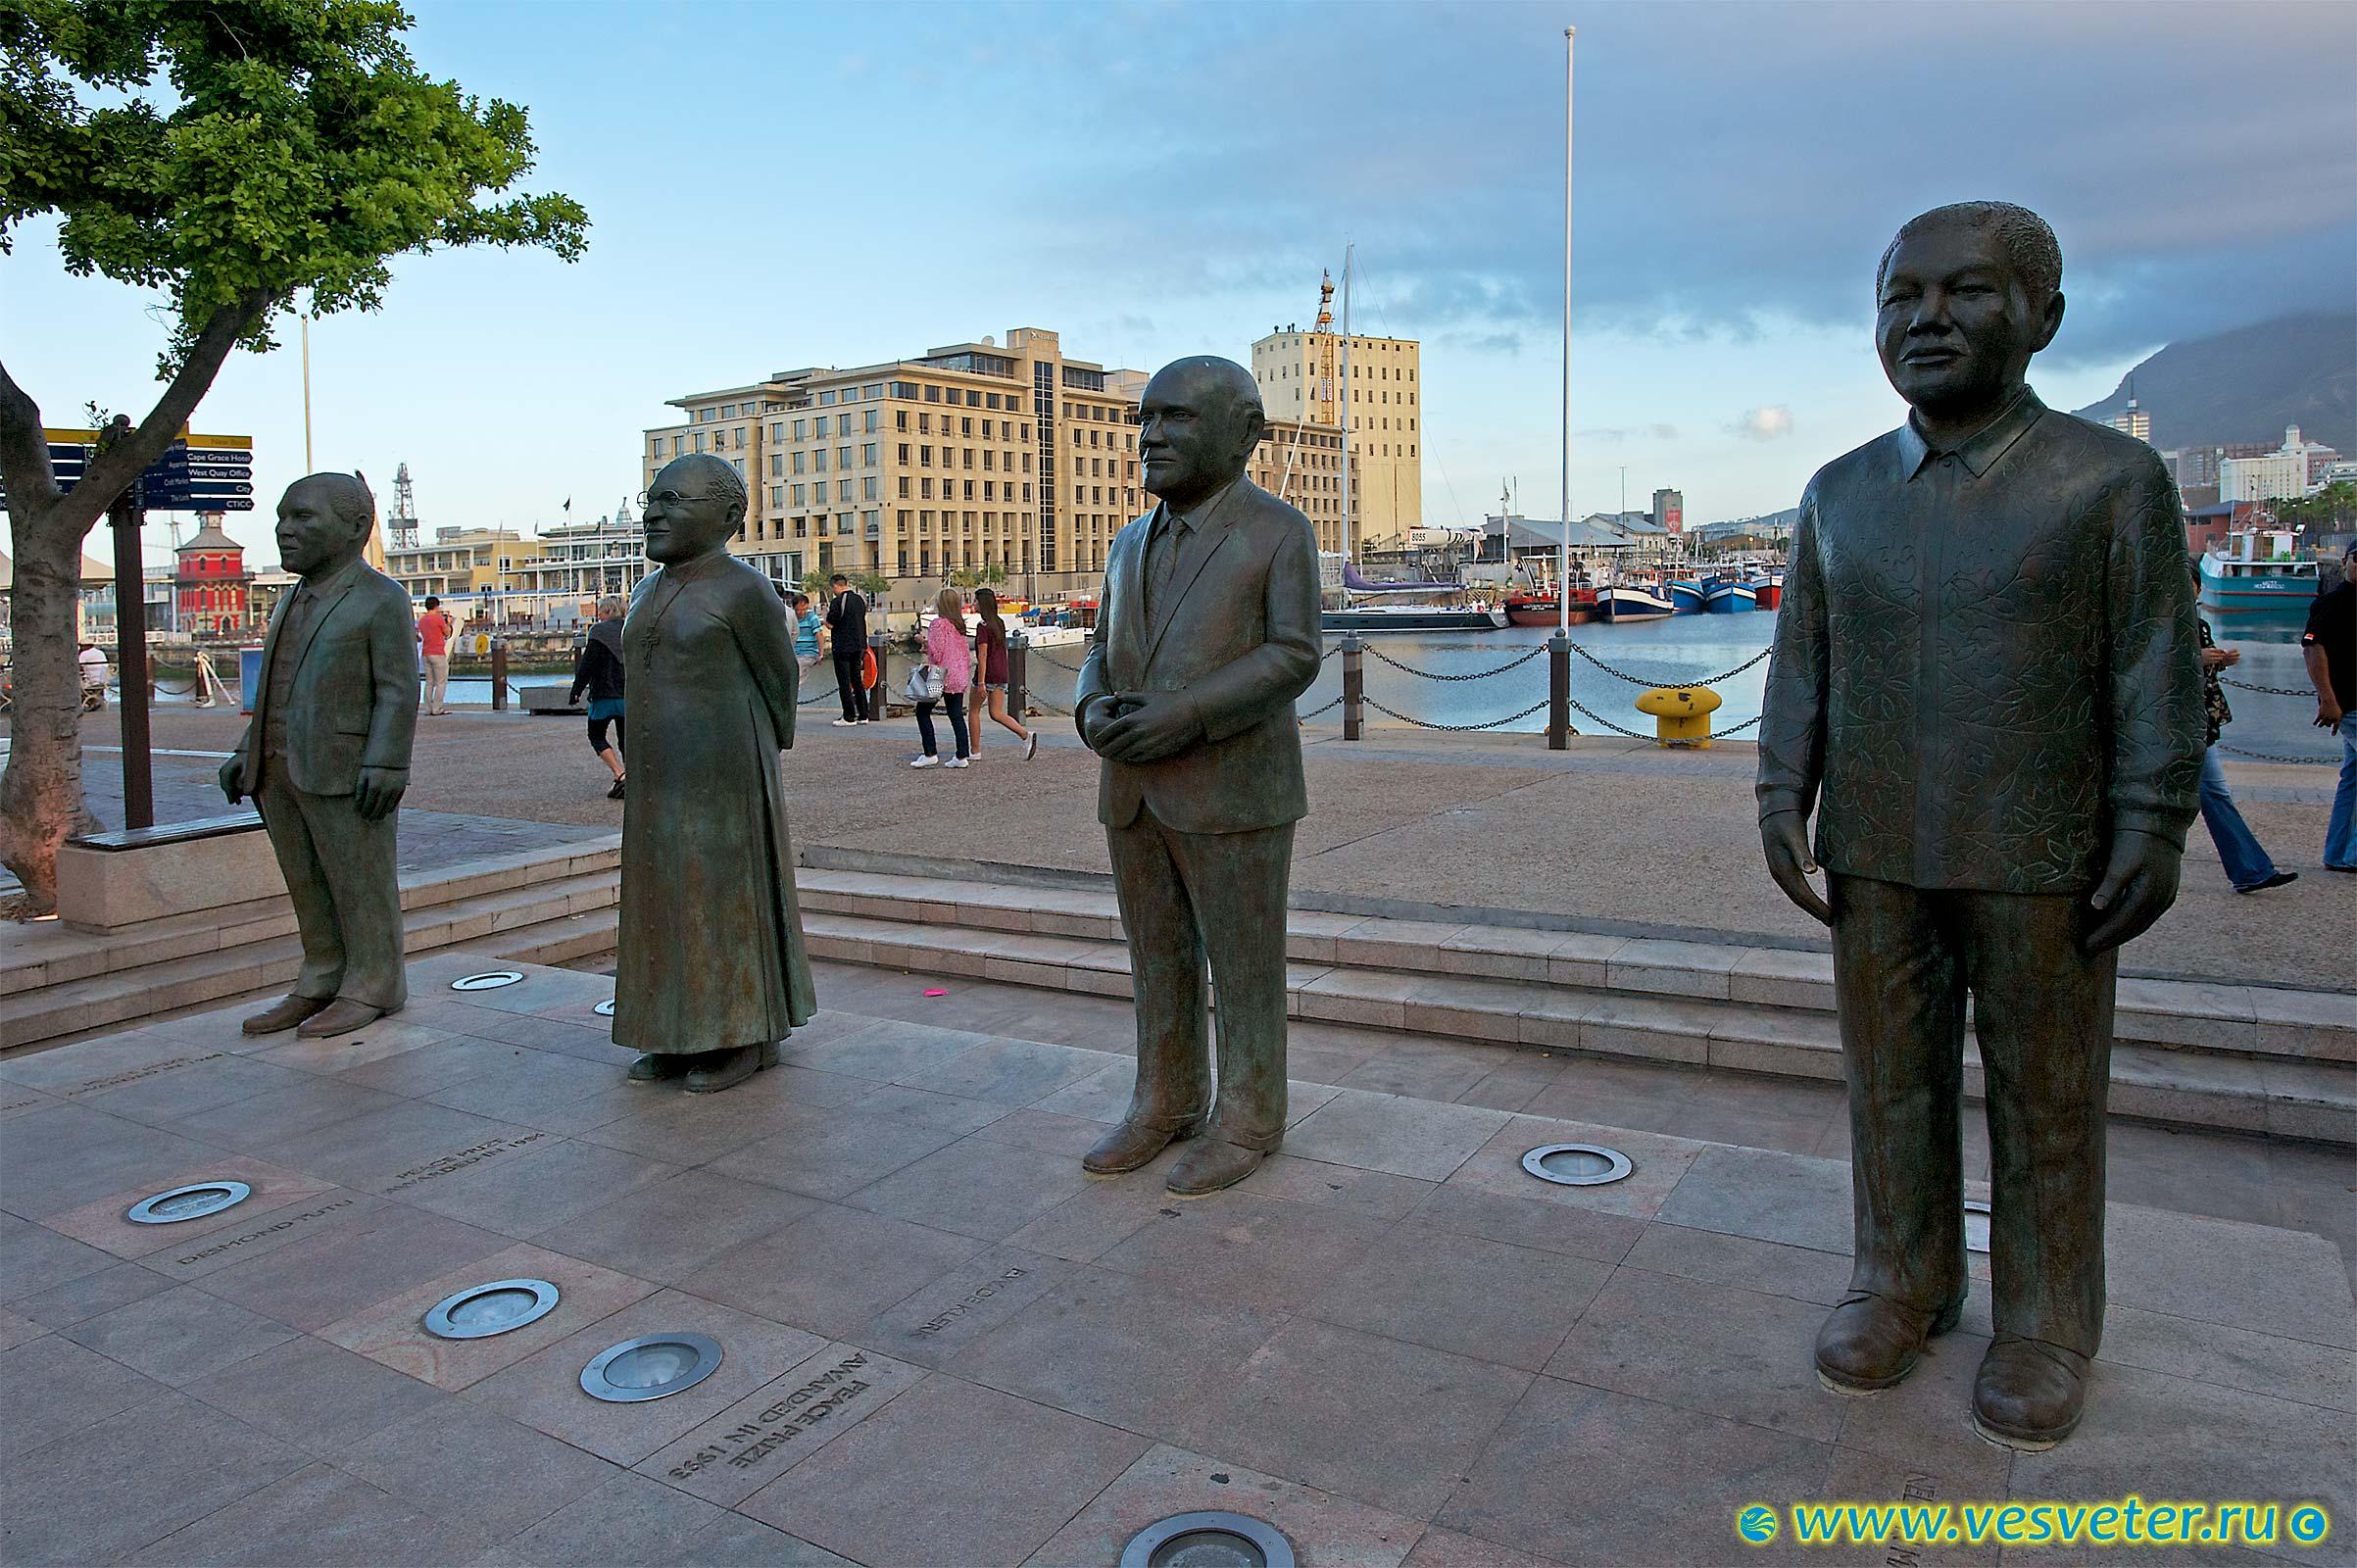 Capetown_01.jpg